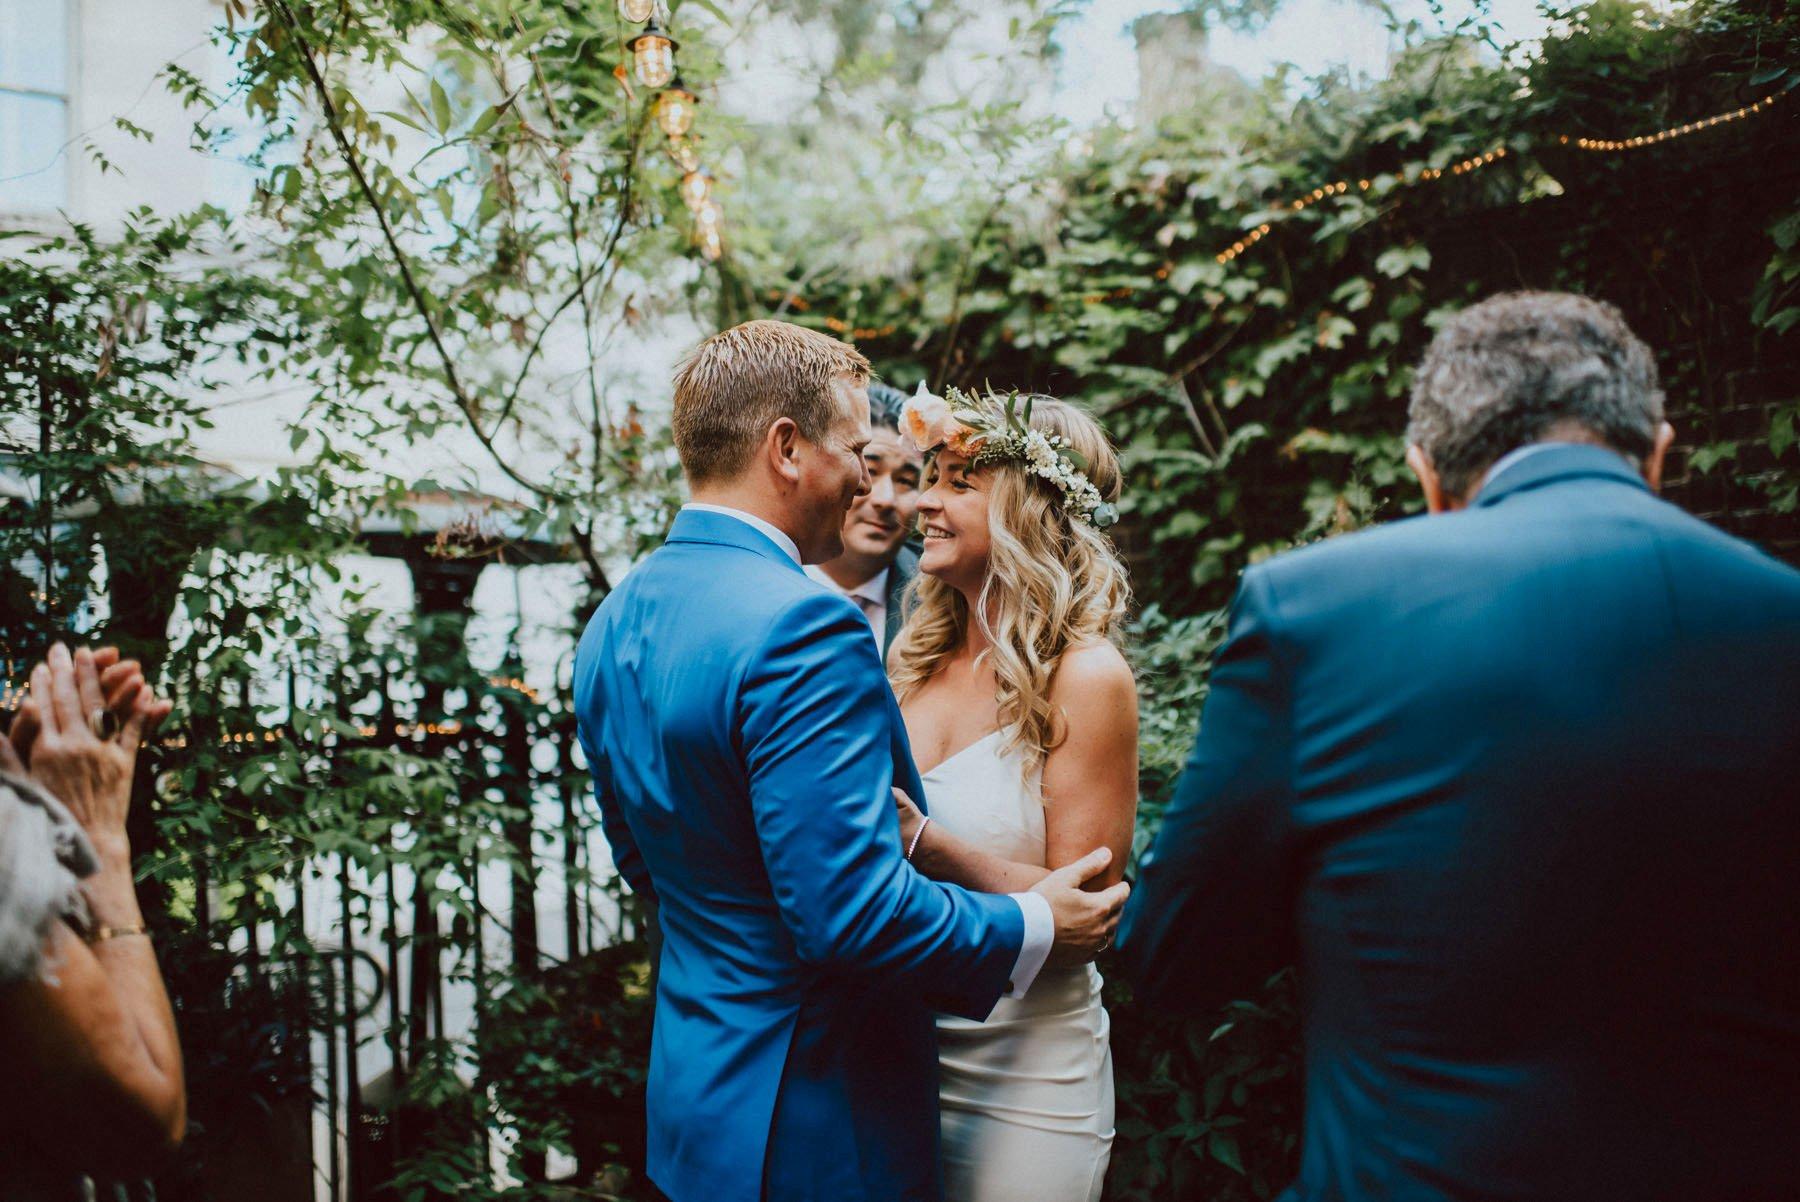 la-cheri-philadelphia-wedding-60.jpg